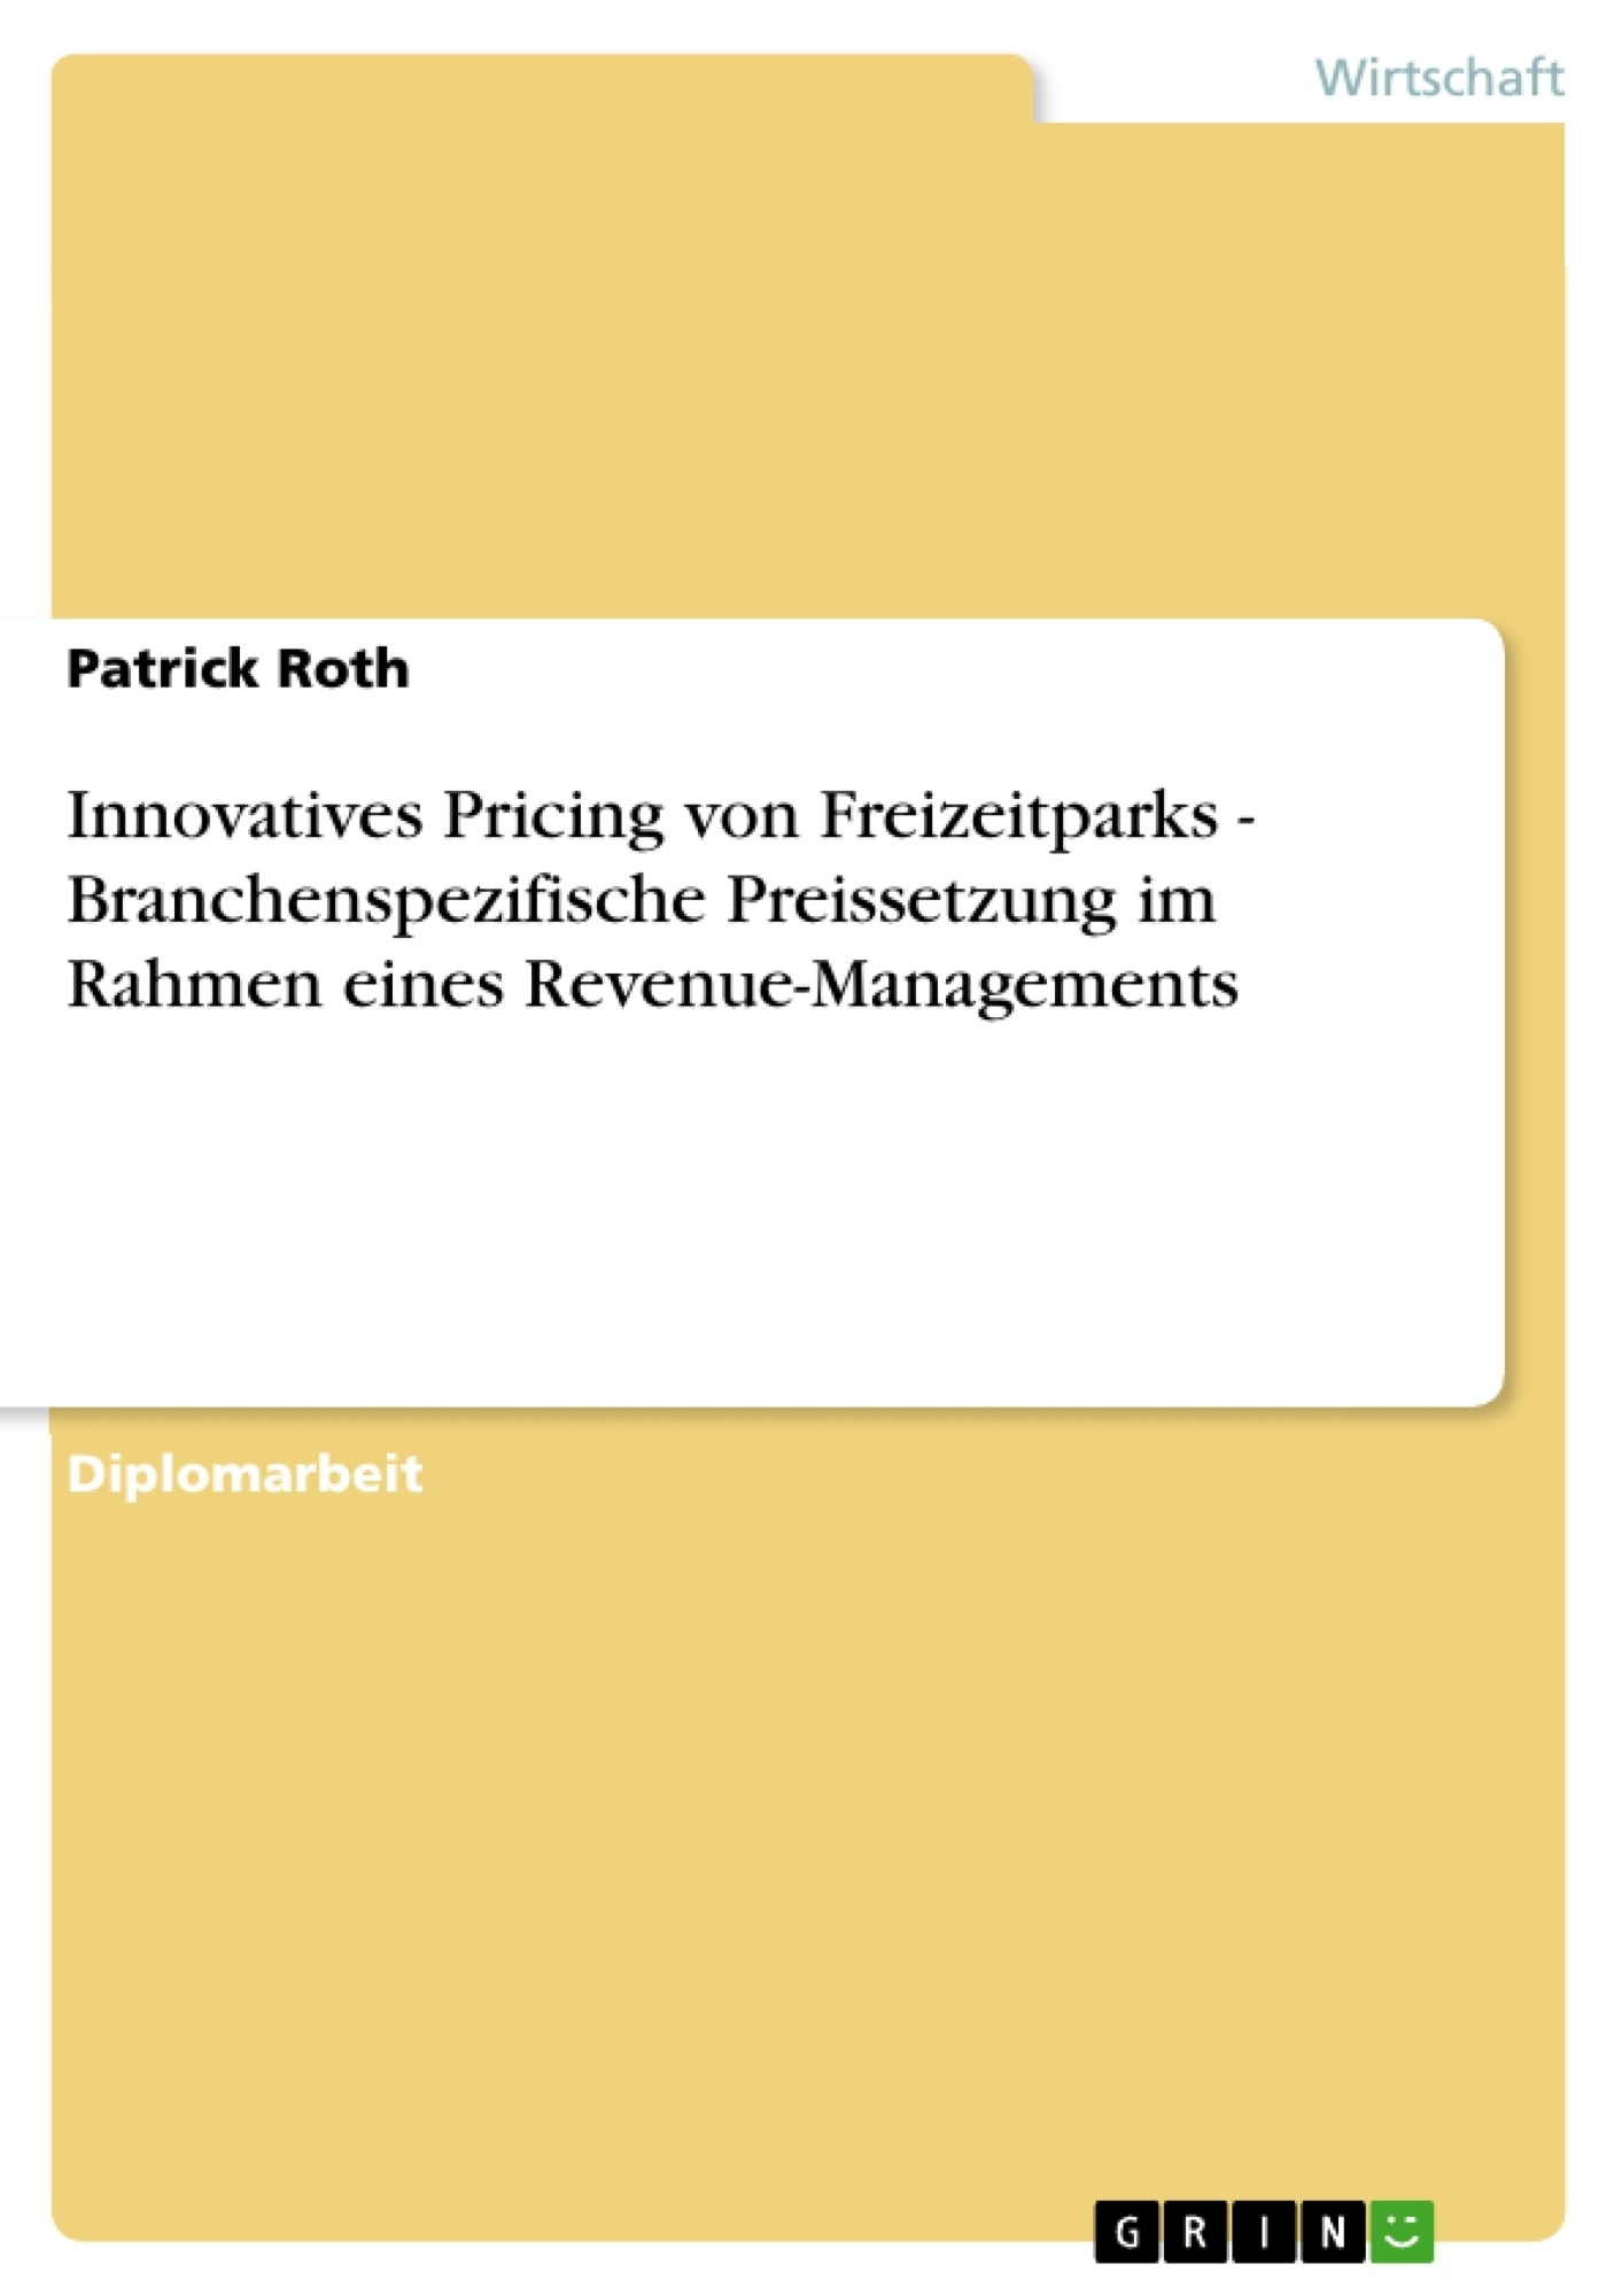 Titel: Innovatives Pricing von Freizeitparks - Branchenspezifische Preissetzung im Rahmen eines Revenue-Managements